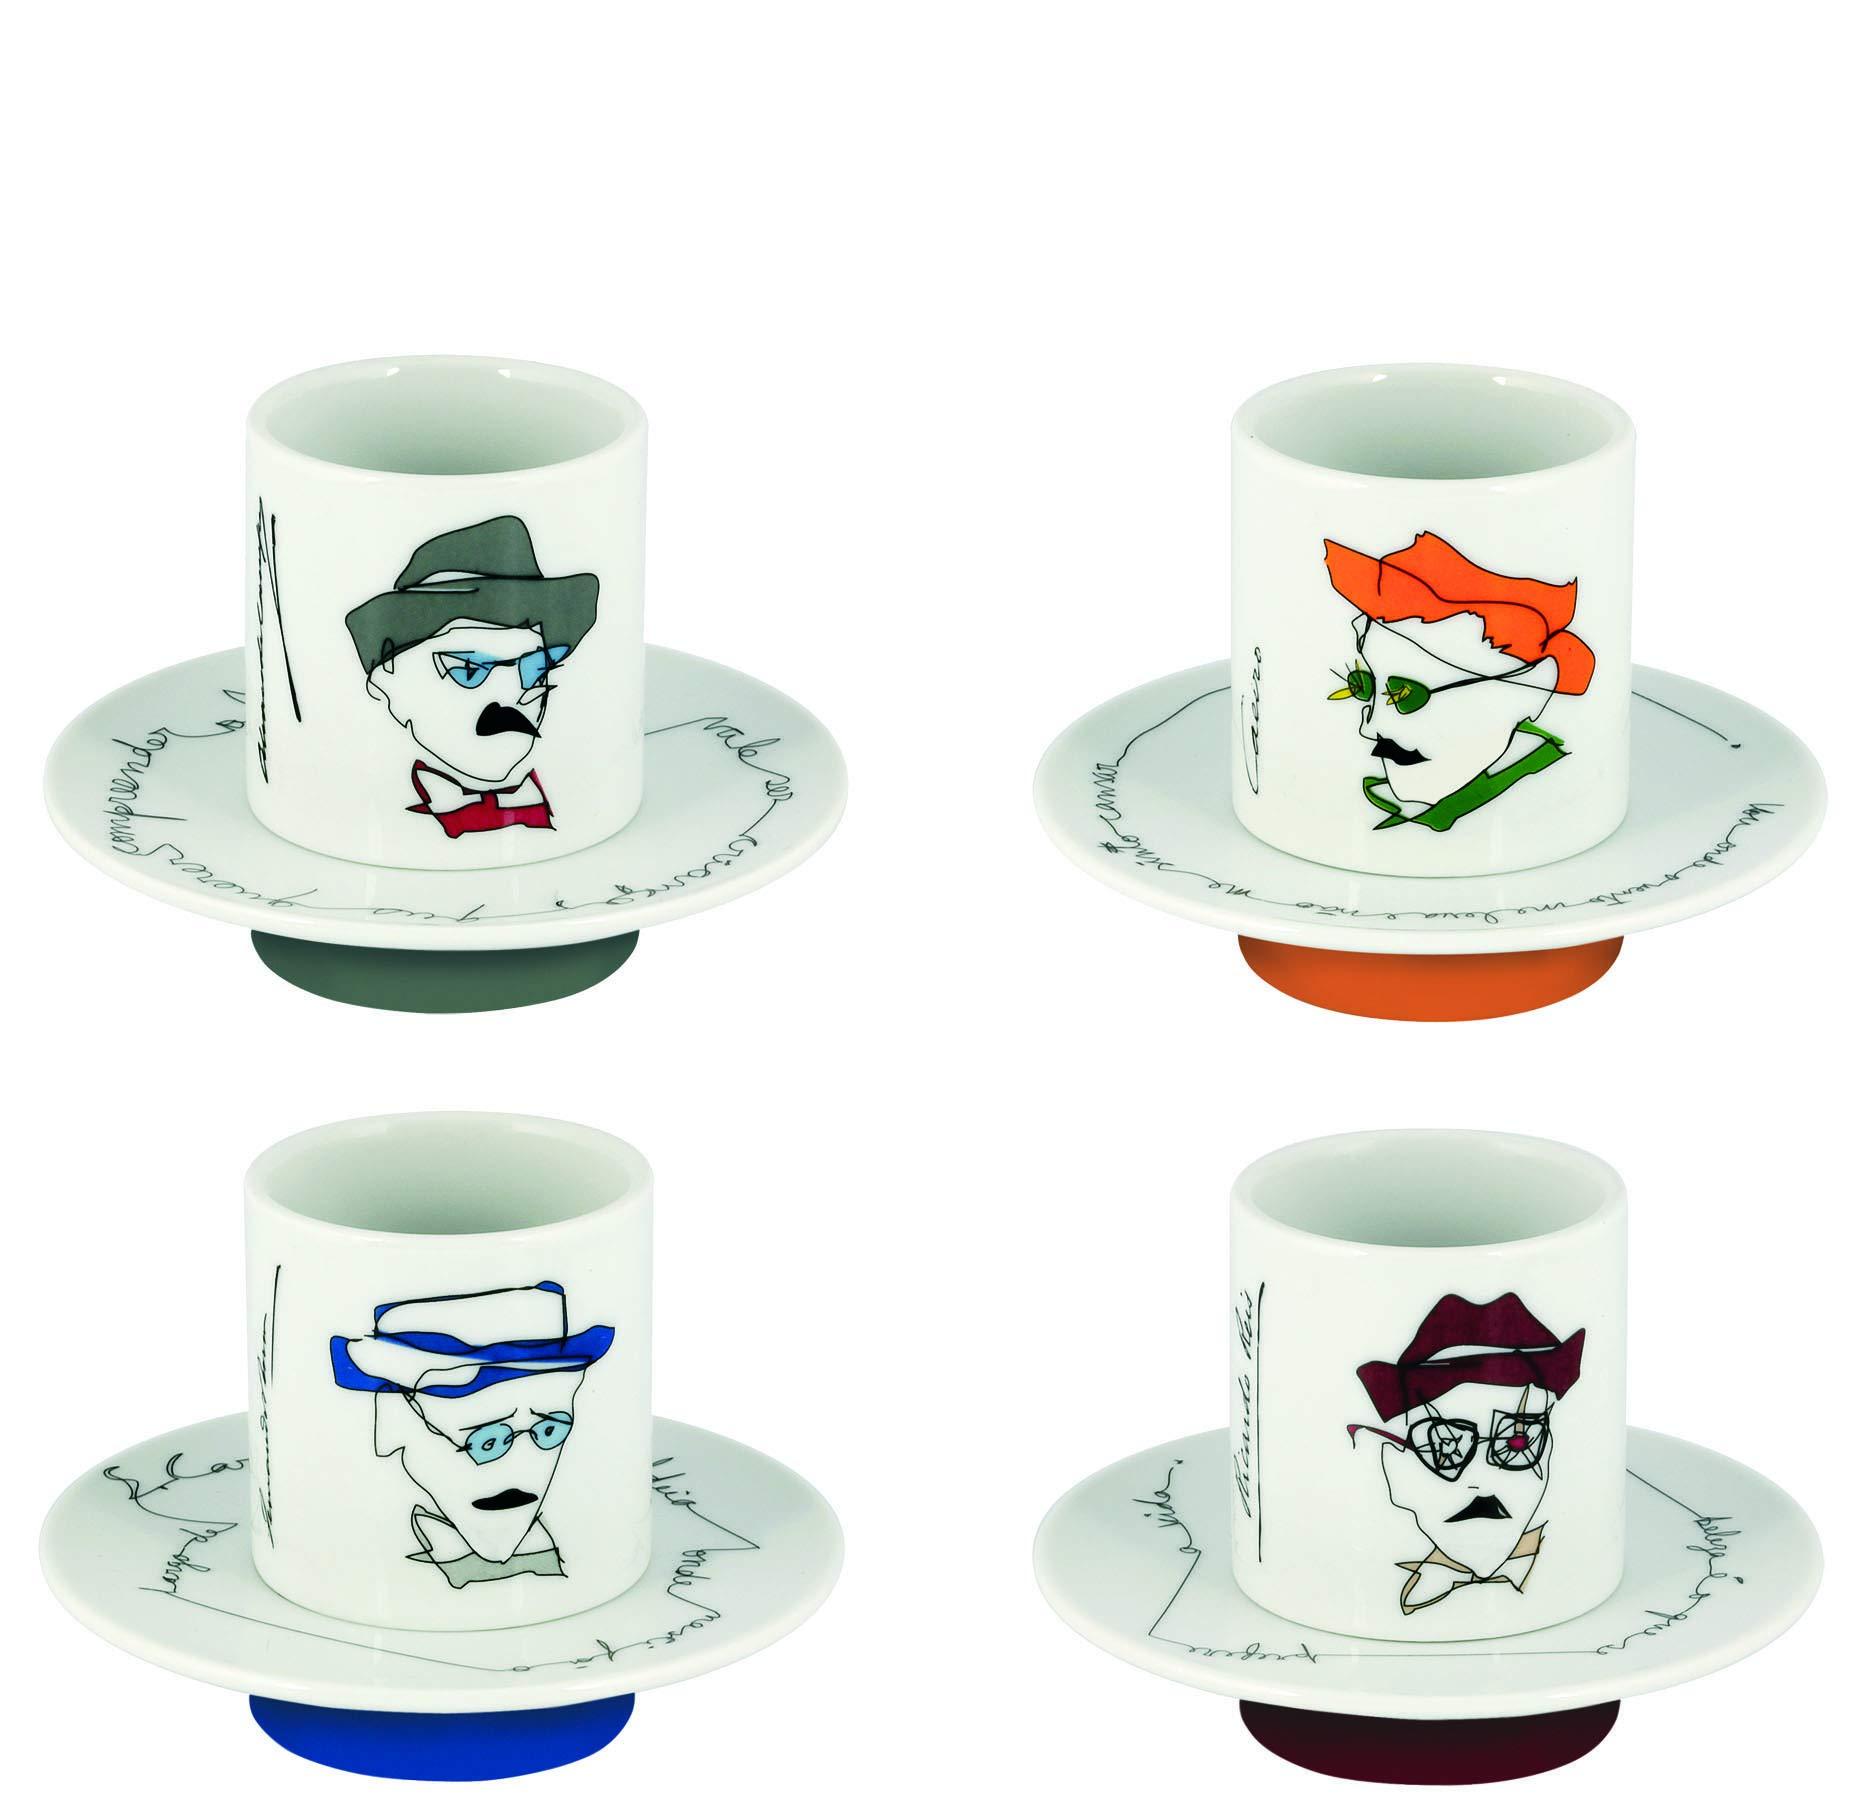 Vista Alegre Porcelain Heteronimos Fernando Pessoa Tribute Set Of 4 Coffee Cups & Saucers